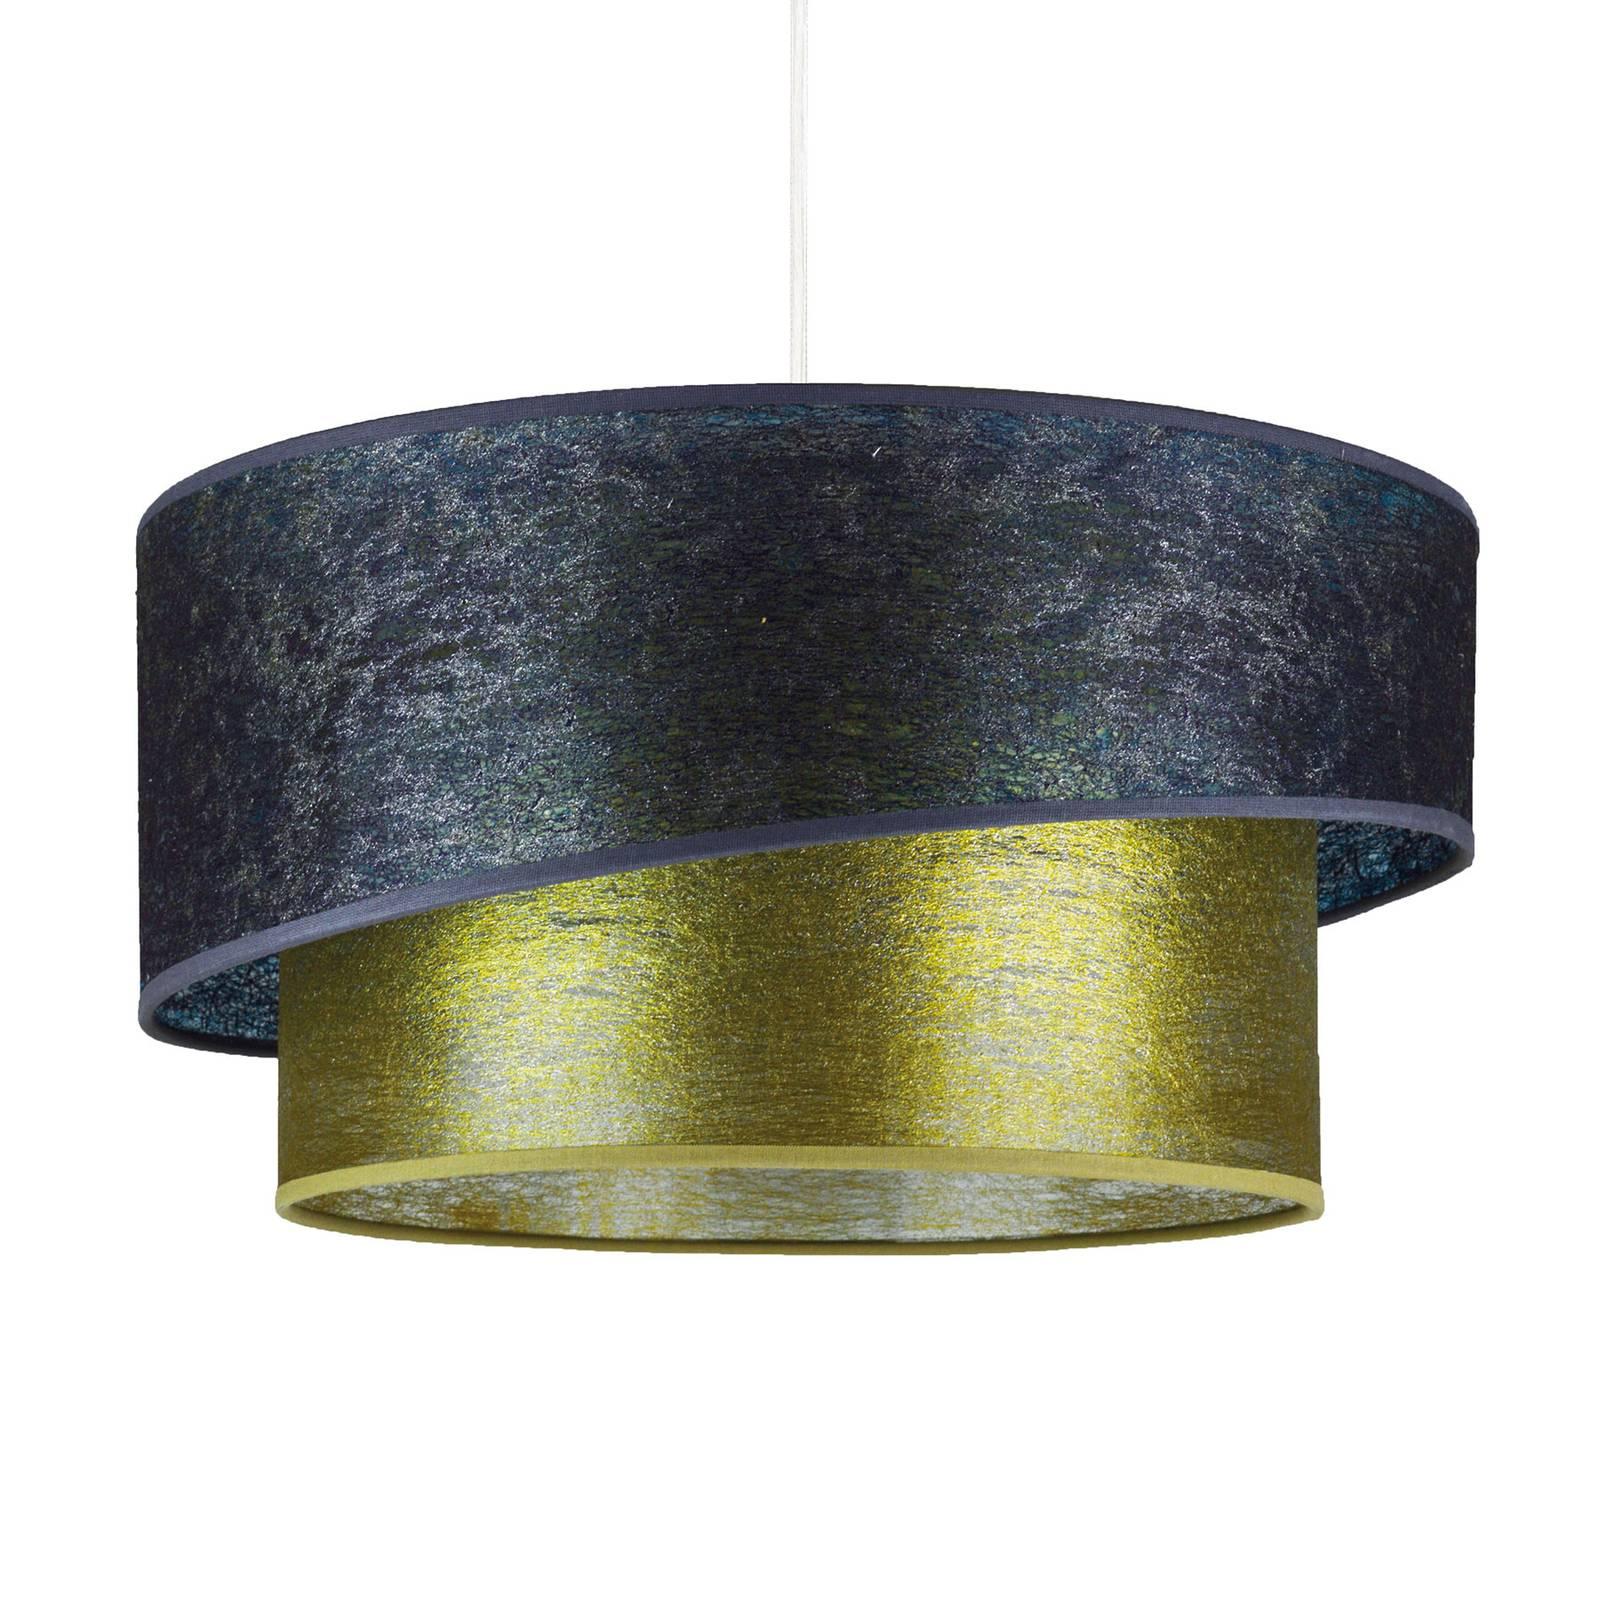 Lampa wisząca Shine, grafit/złota